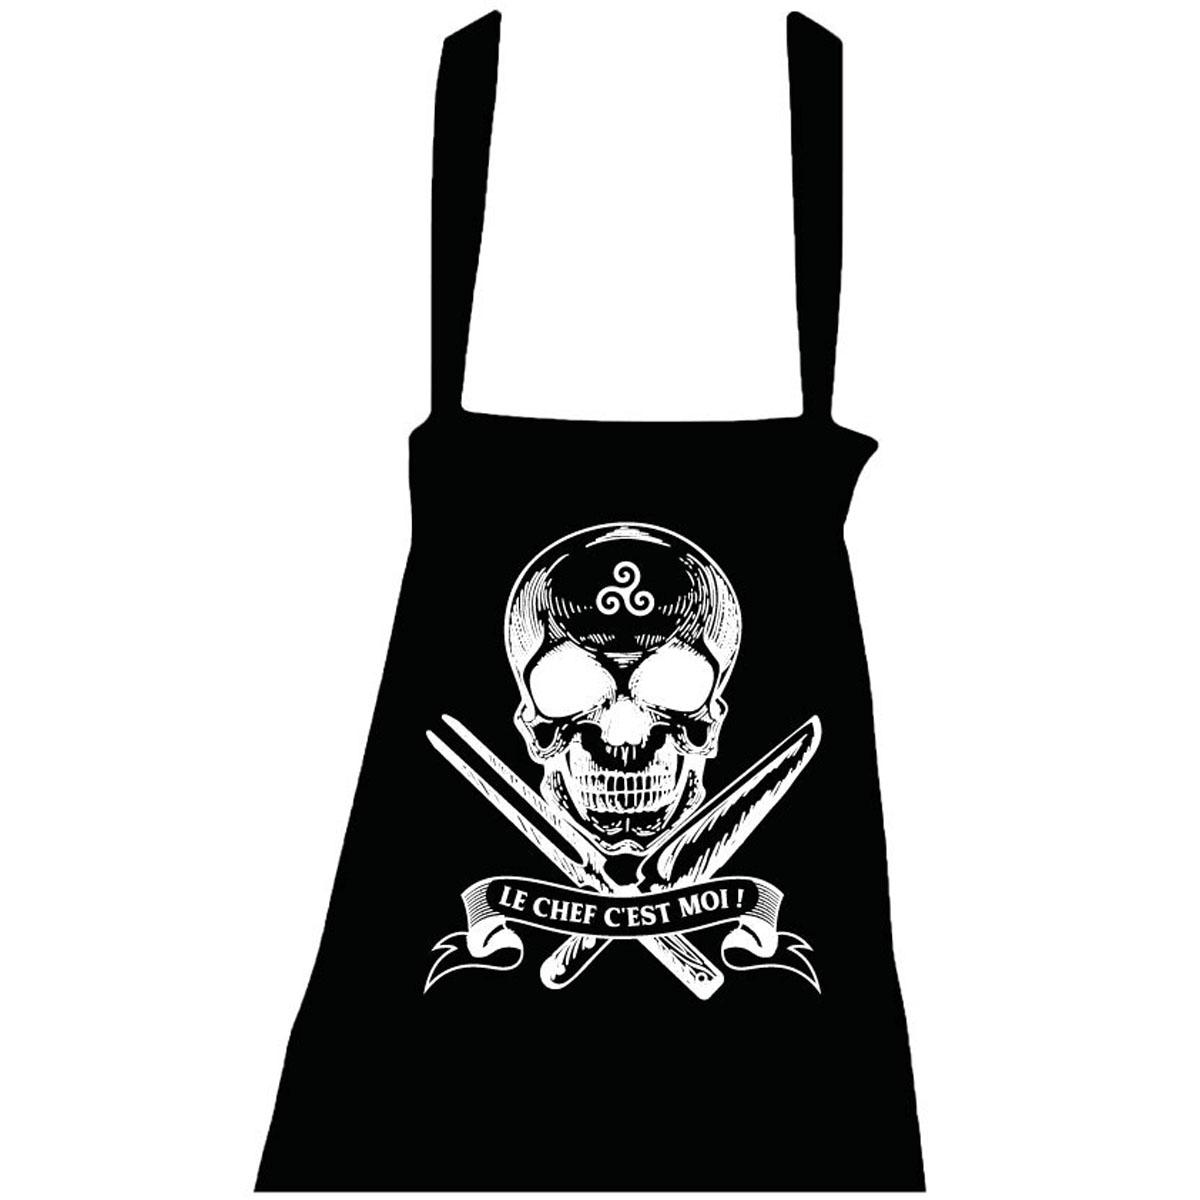 Tablier coton \'Le Chef c\'est Moi !\' noir - taille unique (tête de mort, triskel) - [R5045]